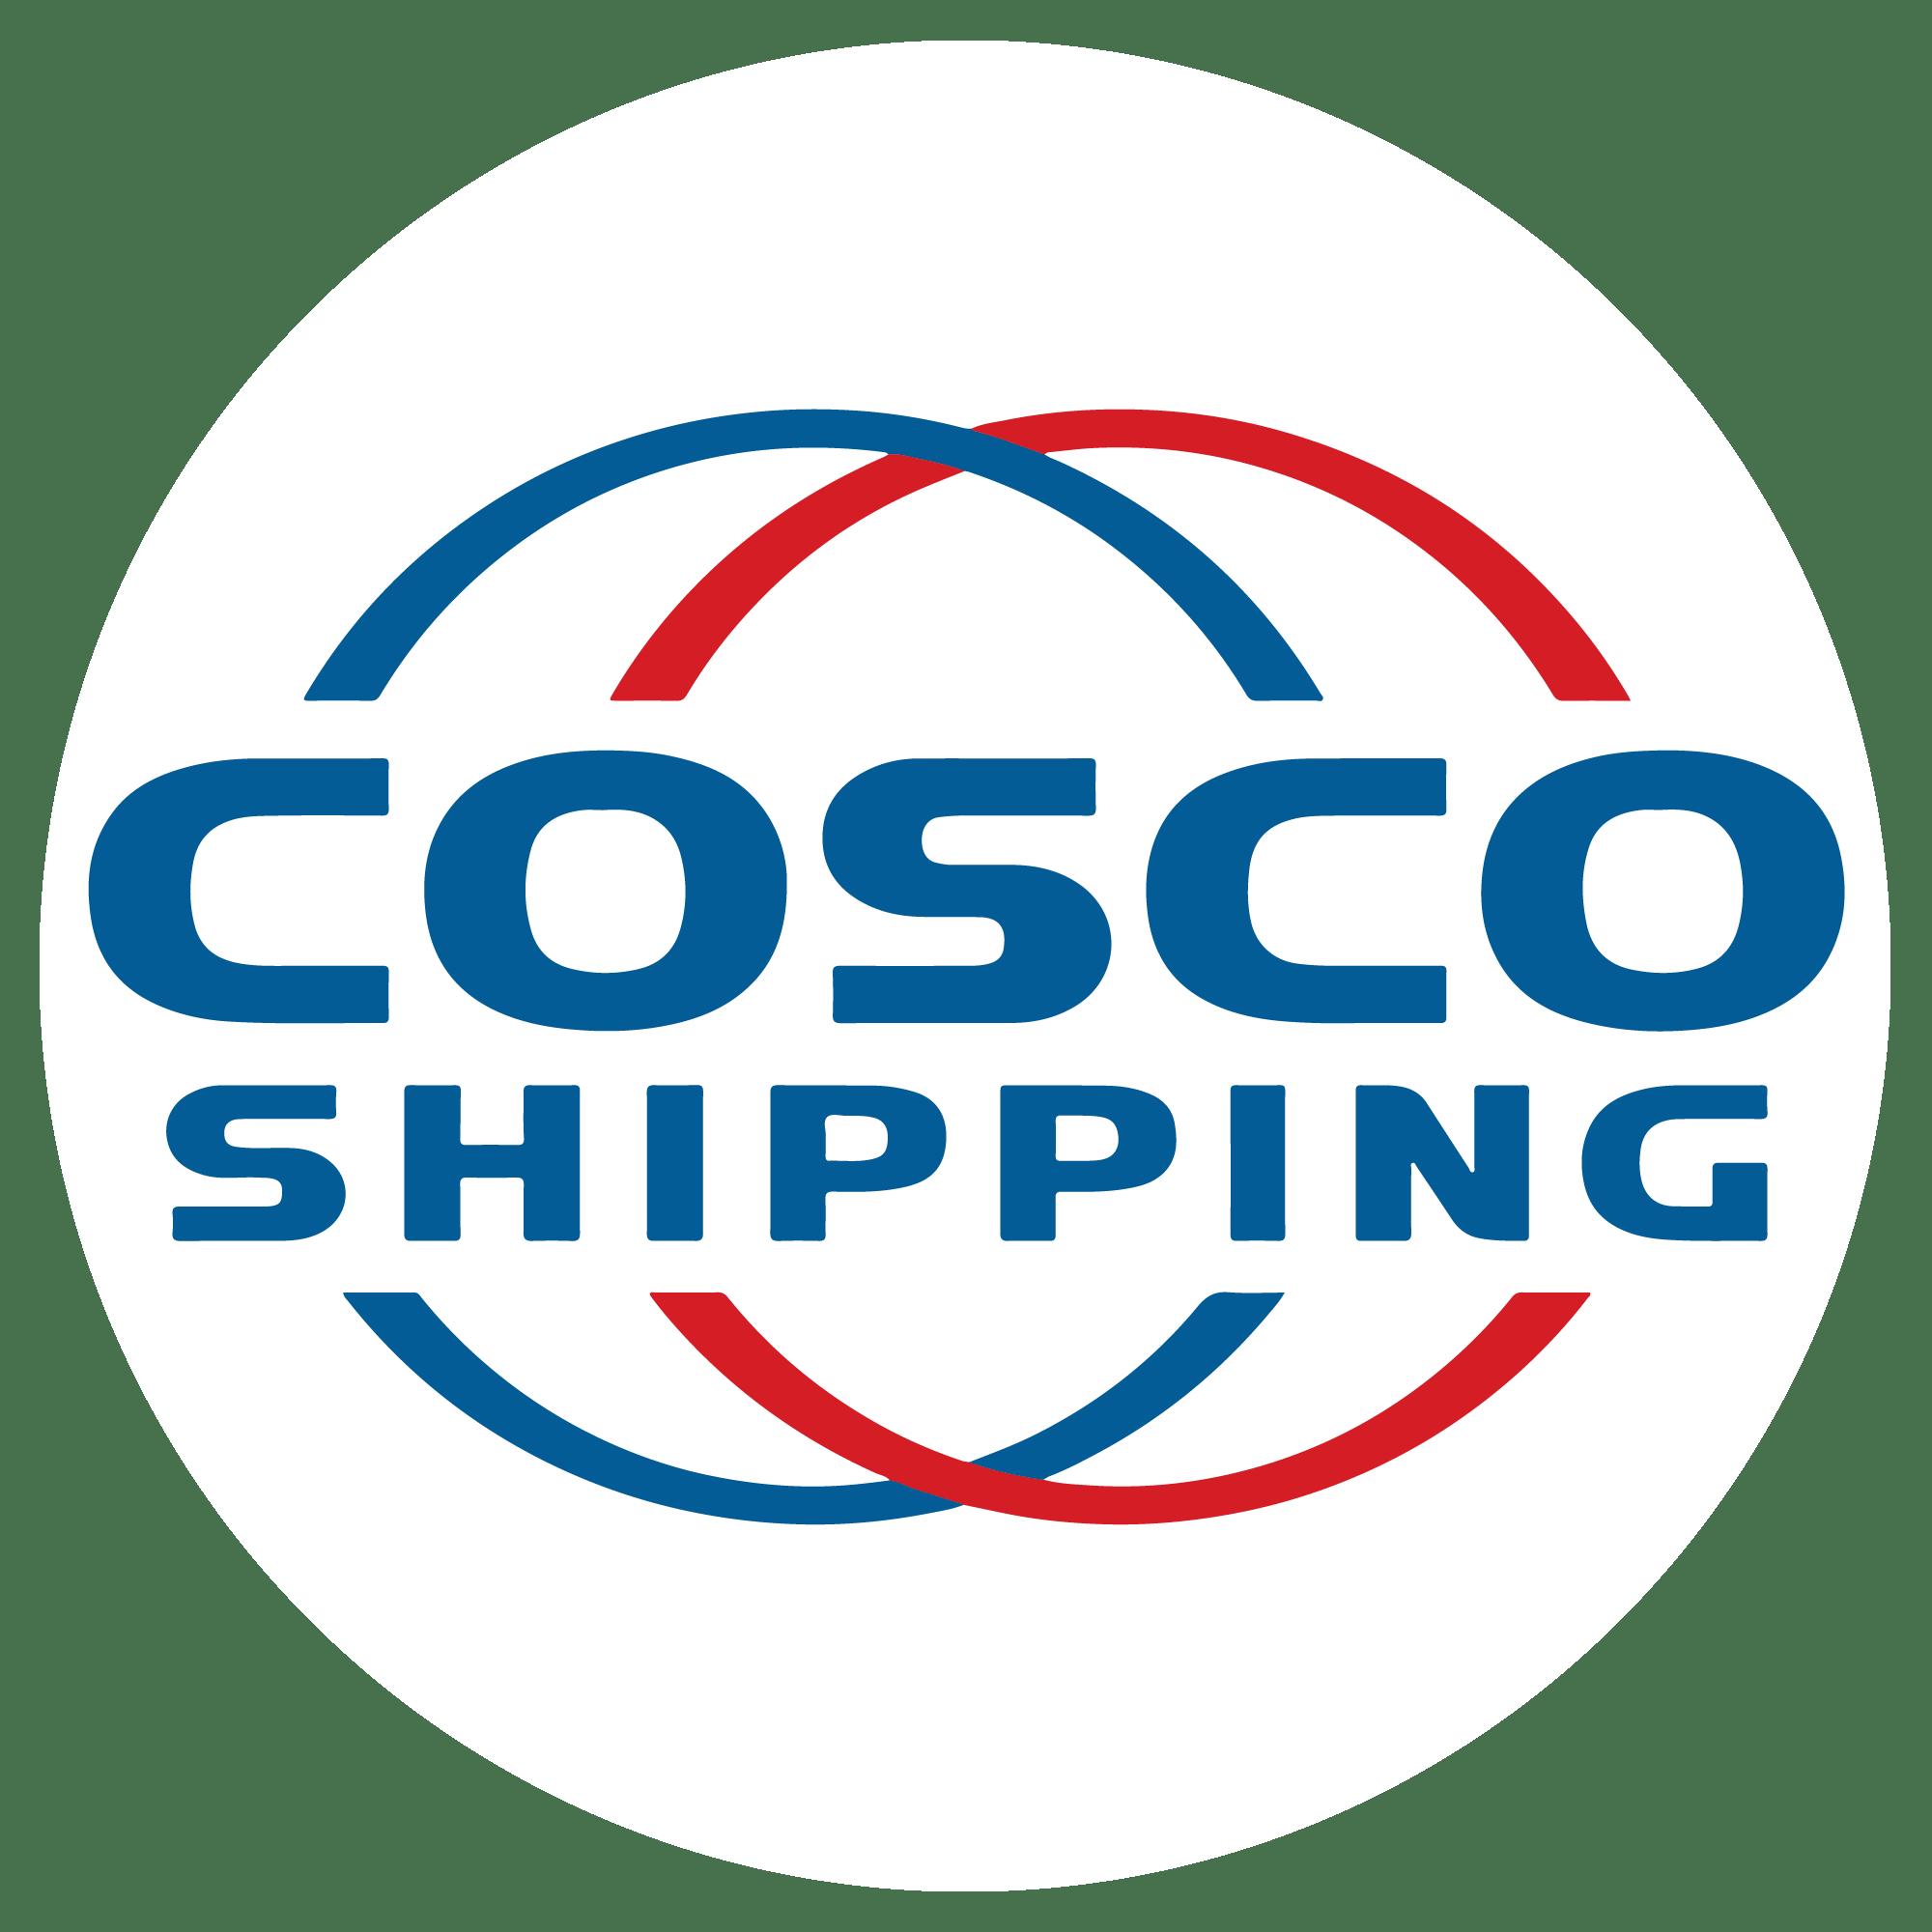 Cosco Shipping logo color